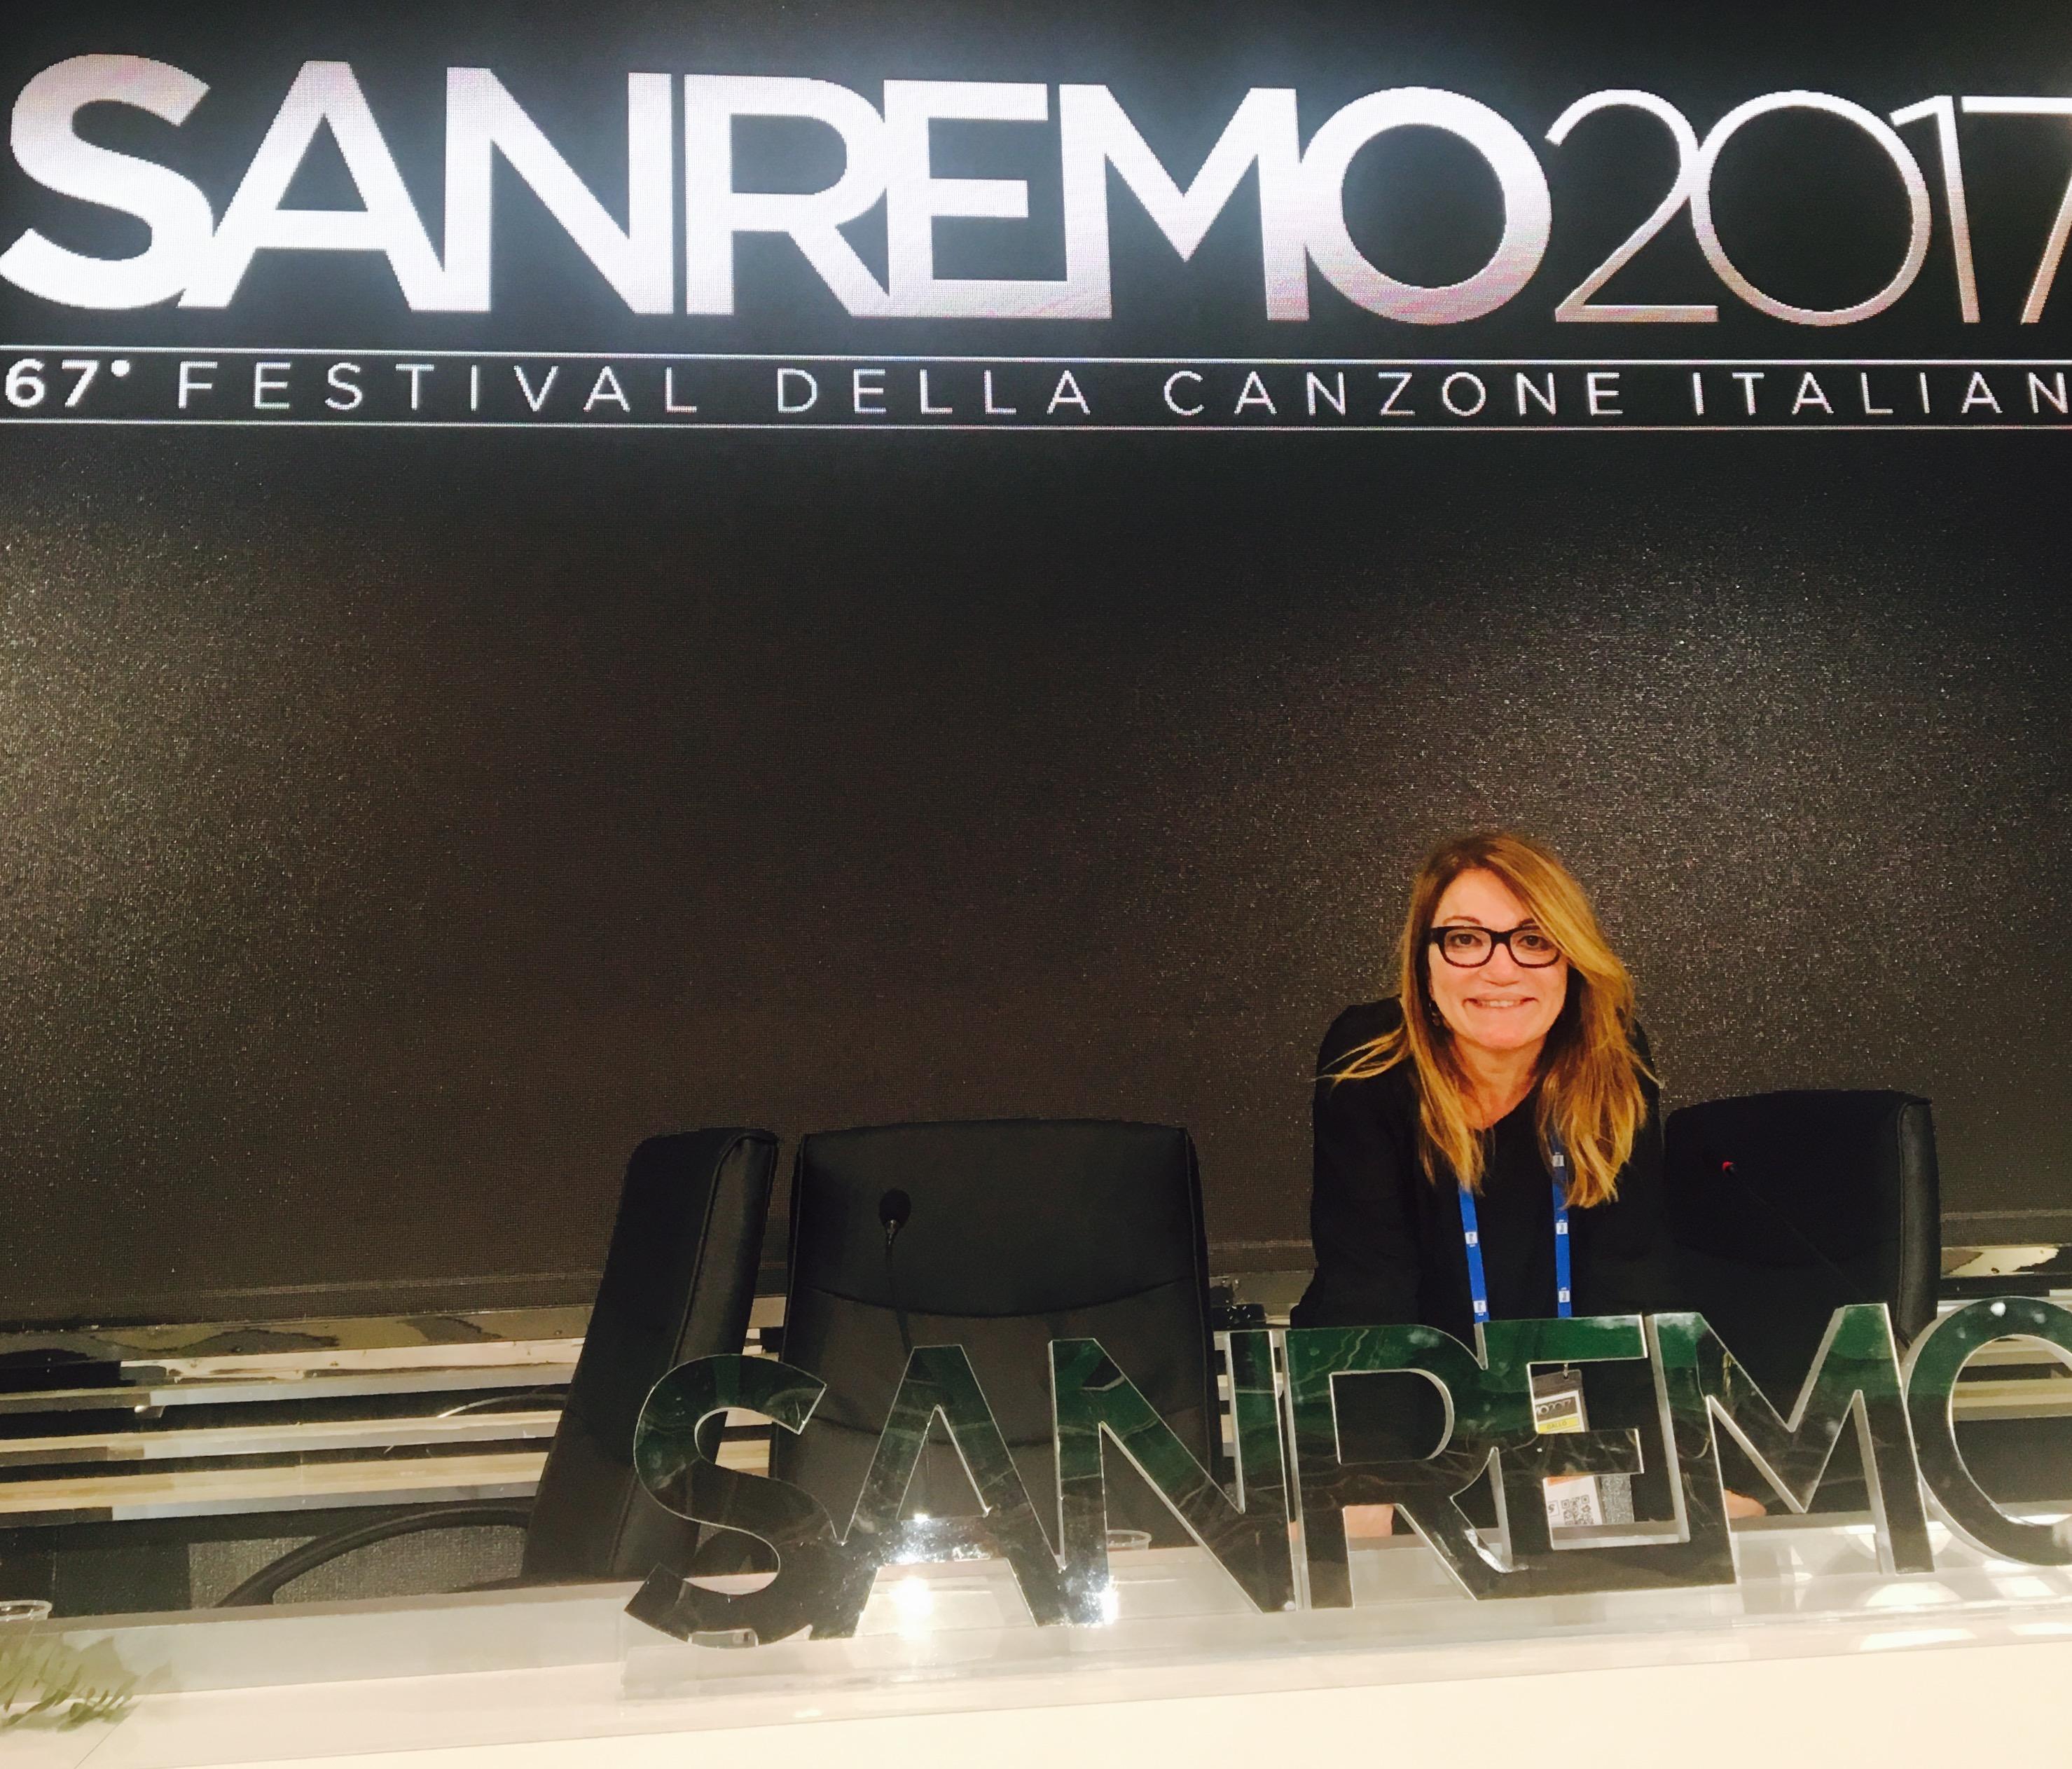 #SanremoFunky giorno_5